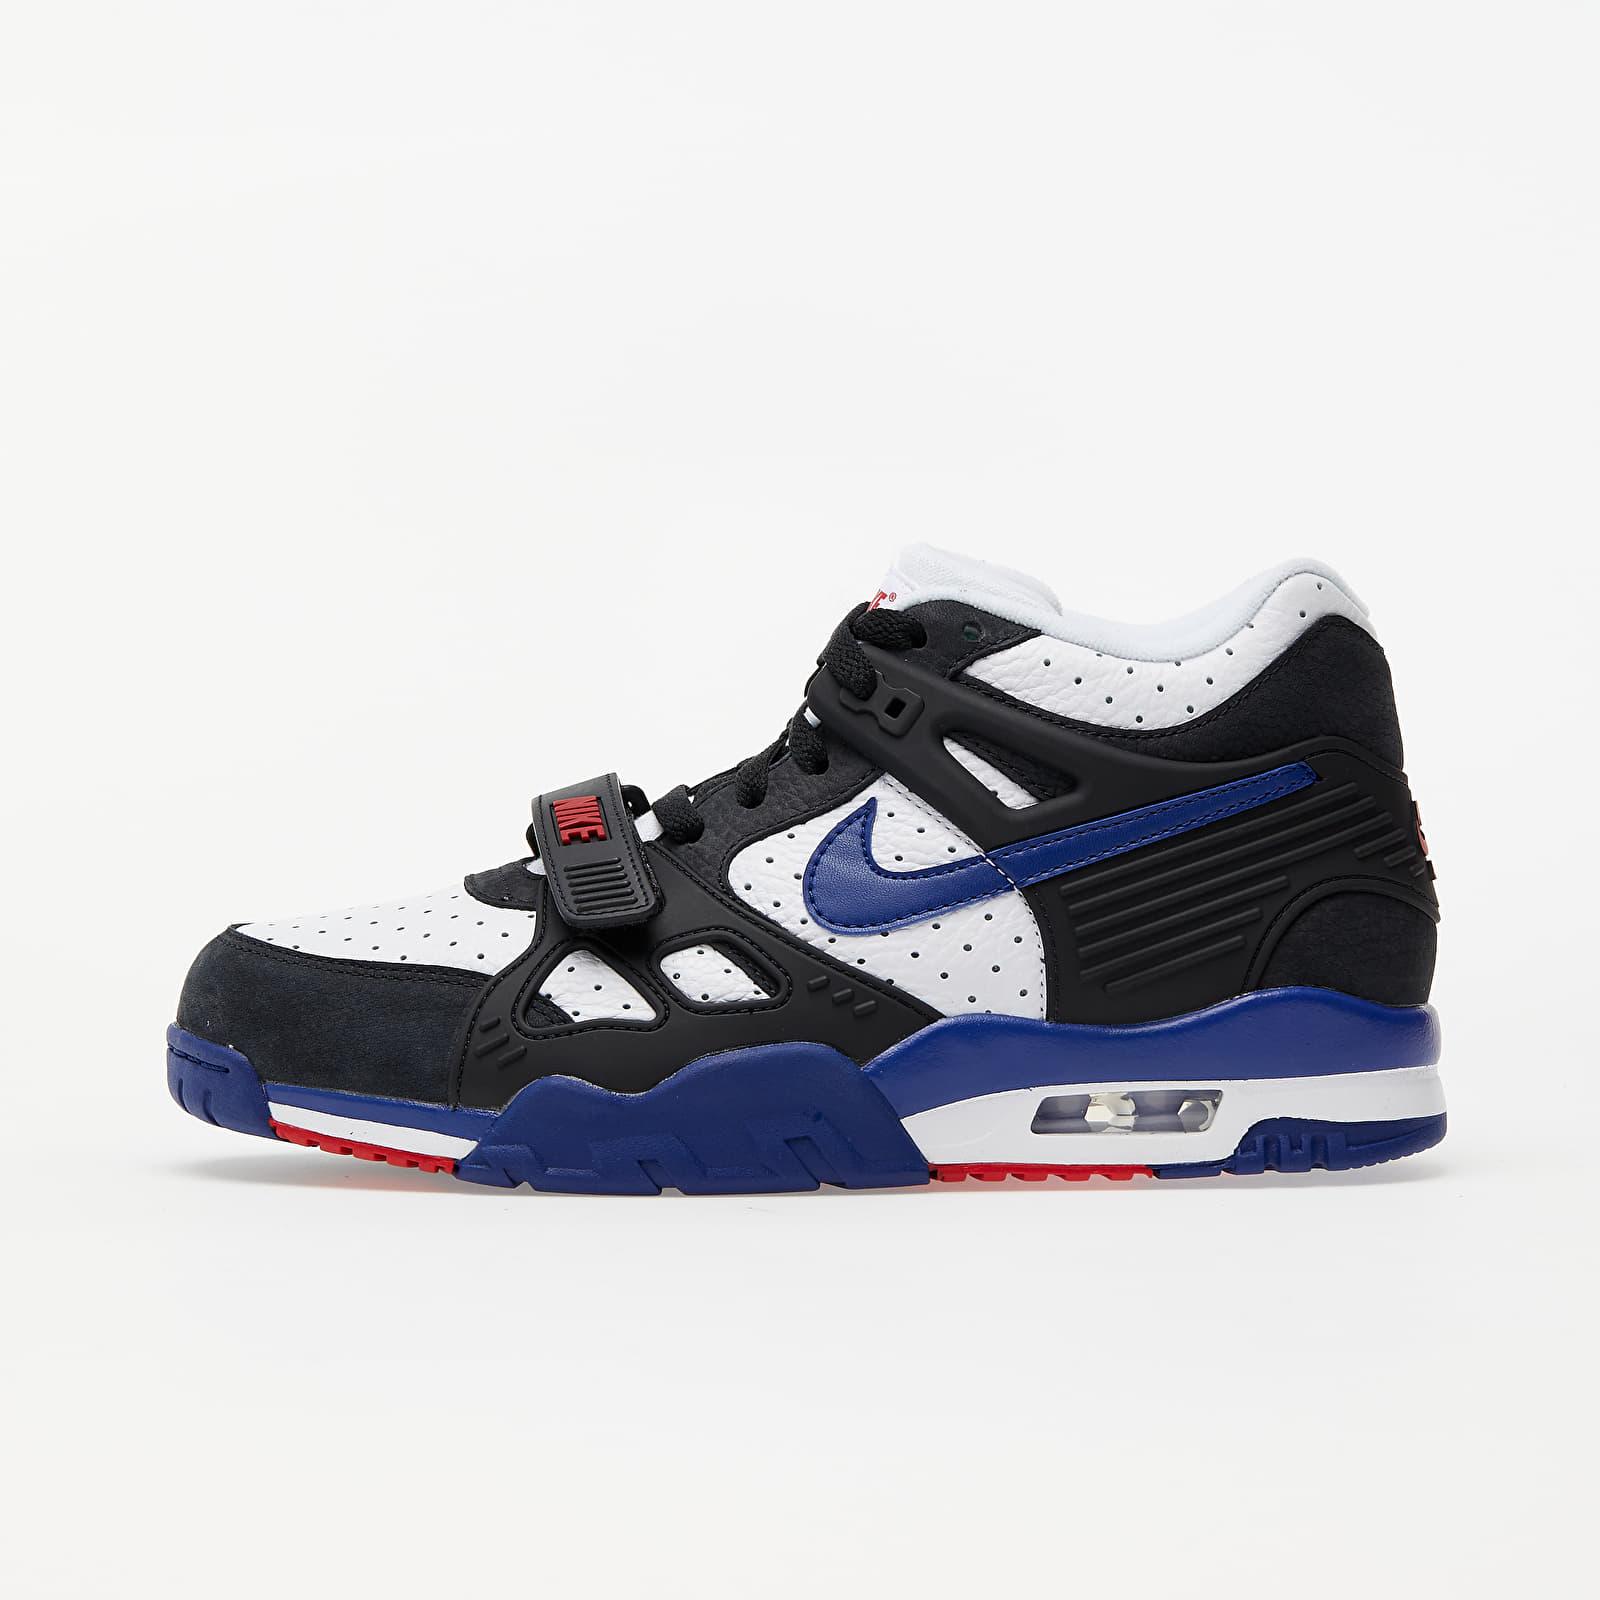 Nike Air Trainer 3 Black/ Deep Royal Blue-White EUR 46